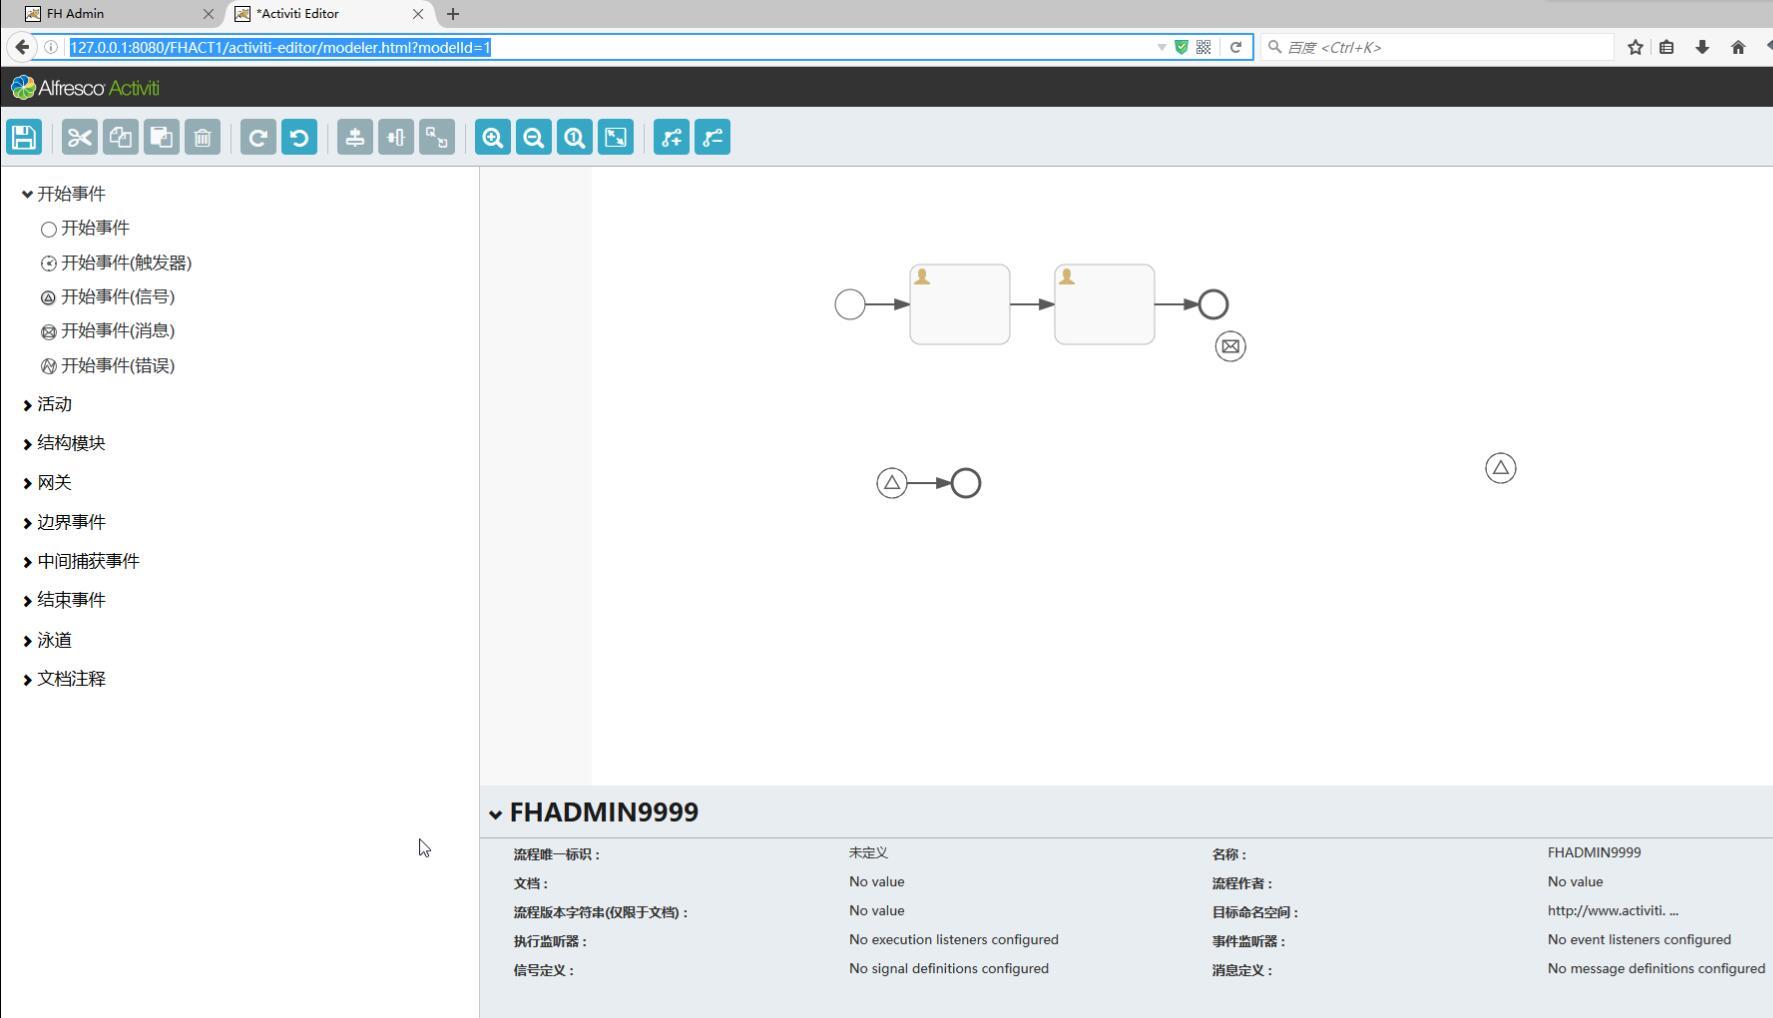 activiti工作流的web流程设计器整合视频教程 SSM和独立部署